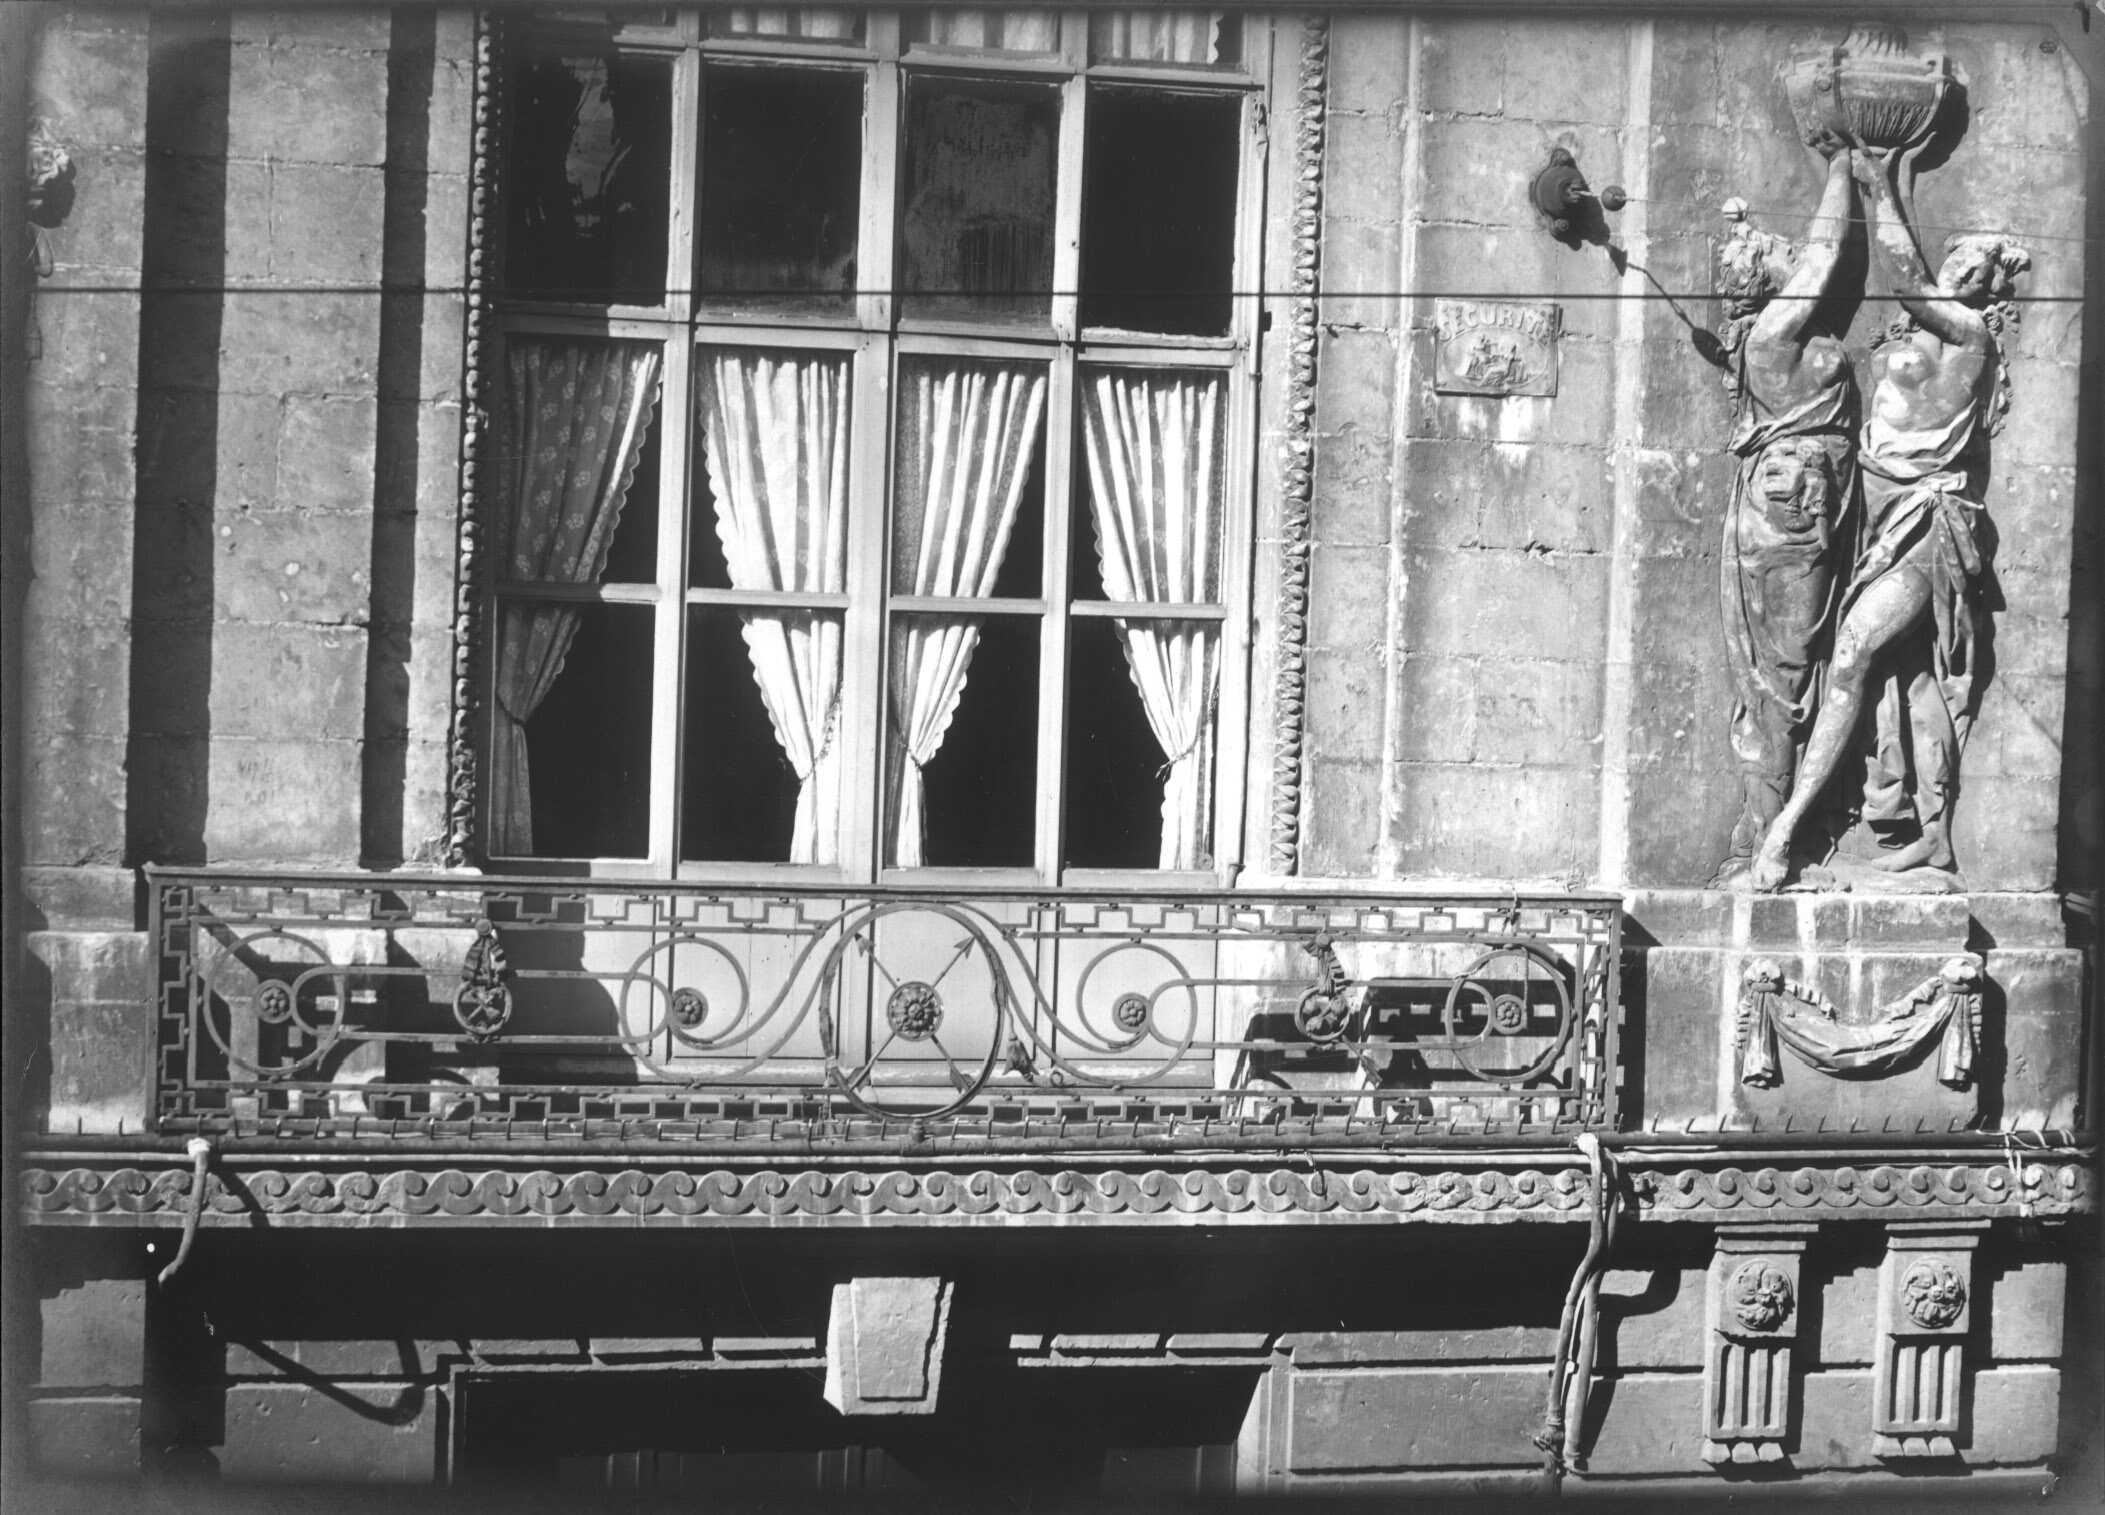 Théâtre d'Amiens, rue des Trois-Cailloux, vue extérieure : détail scupté de la façade et balcon en fer forgé